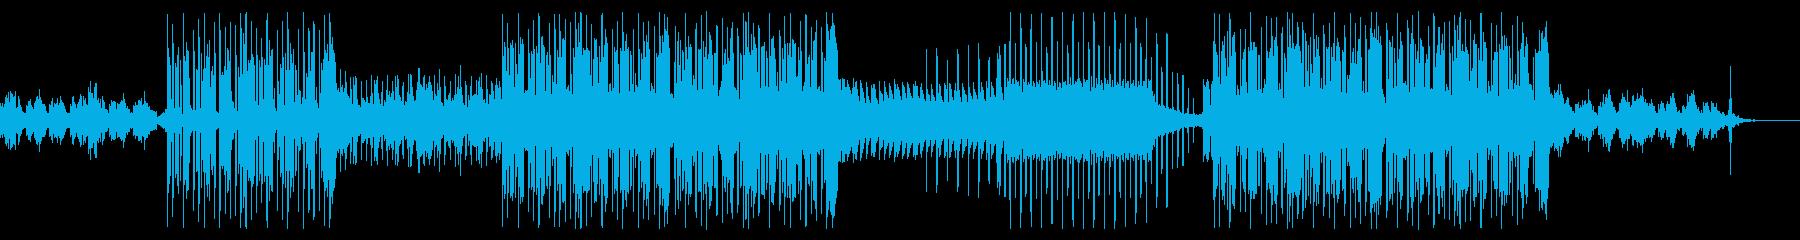 K-POP/Disco/アップテンポ曲の再生済みの波形